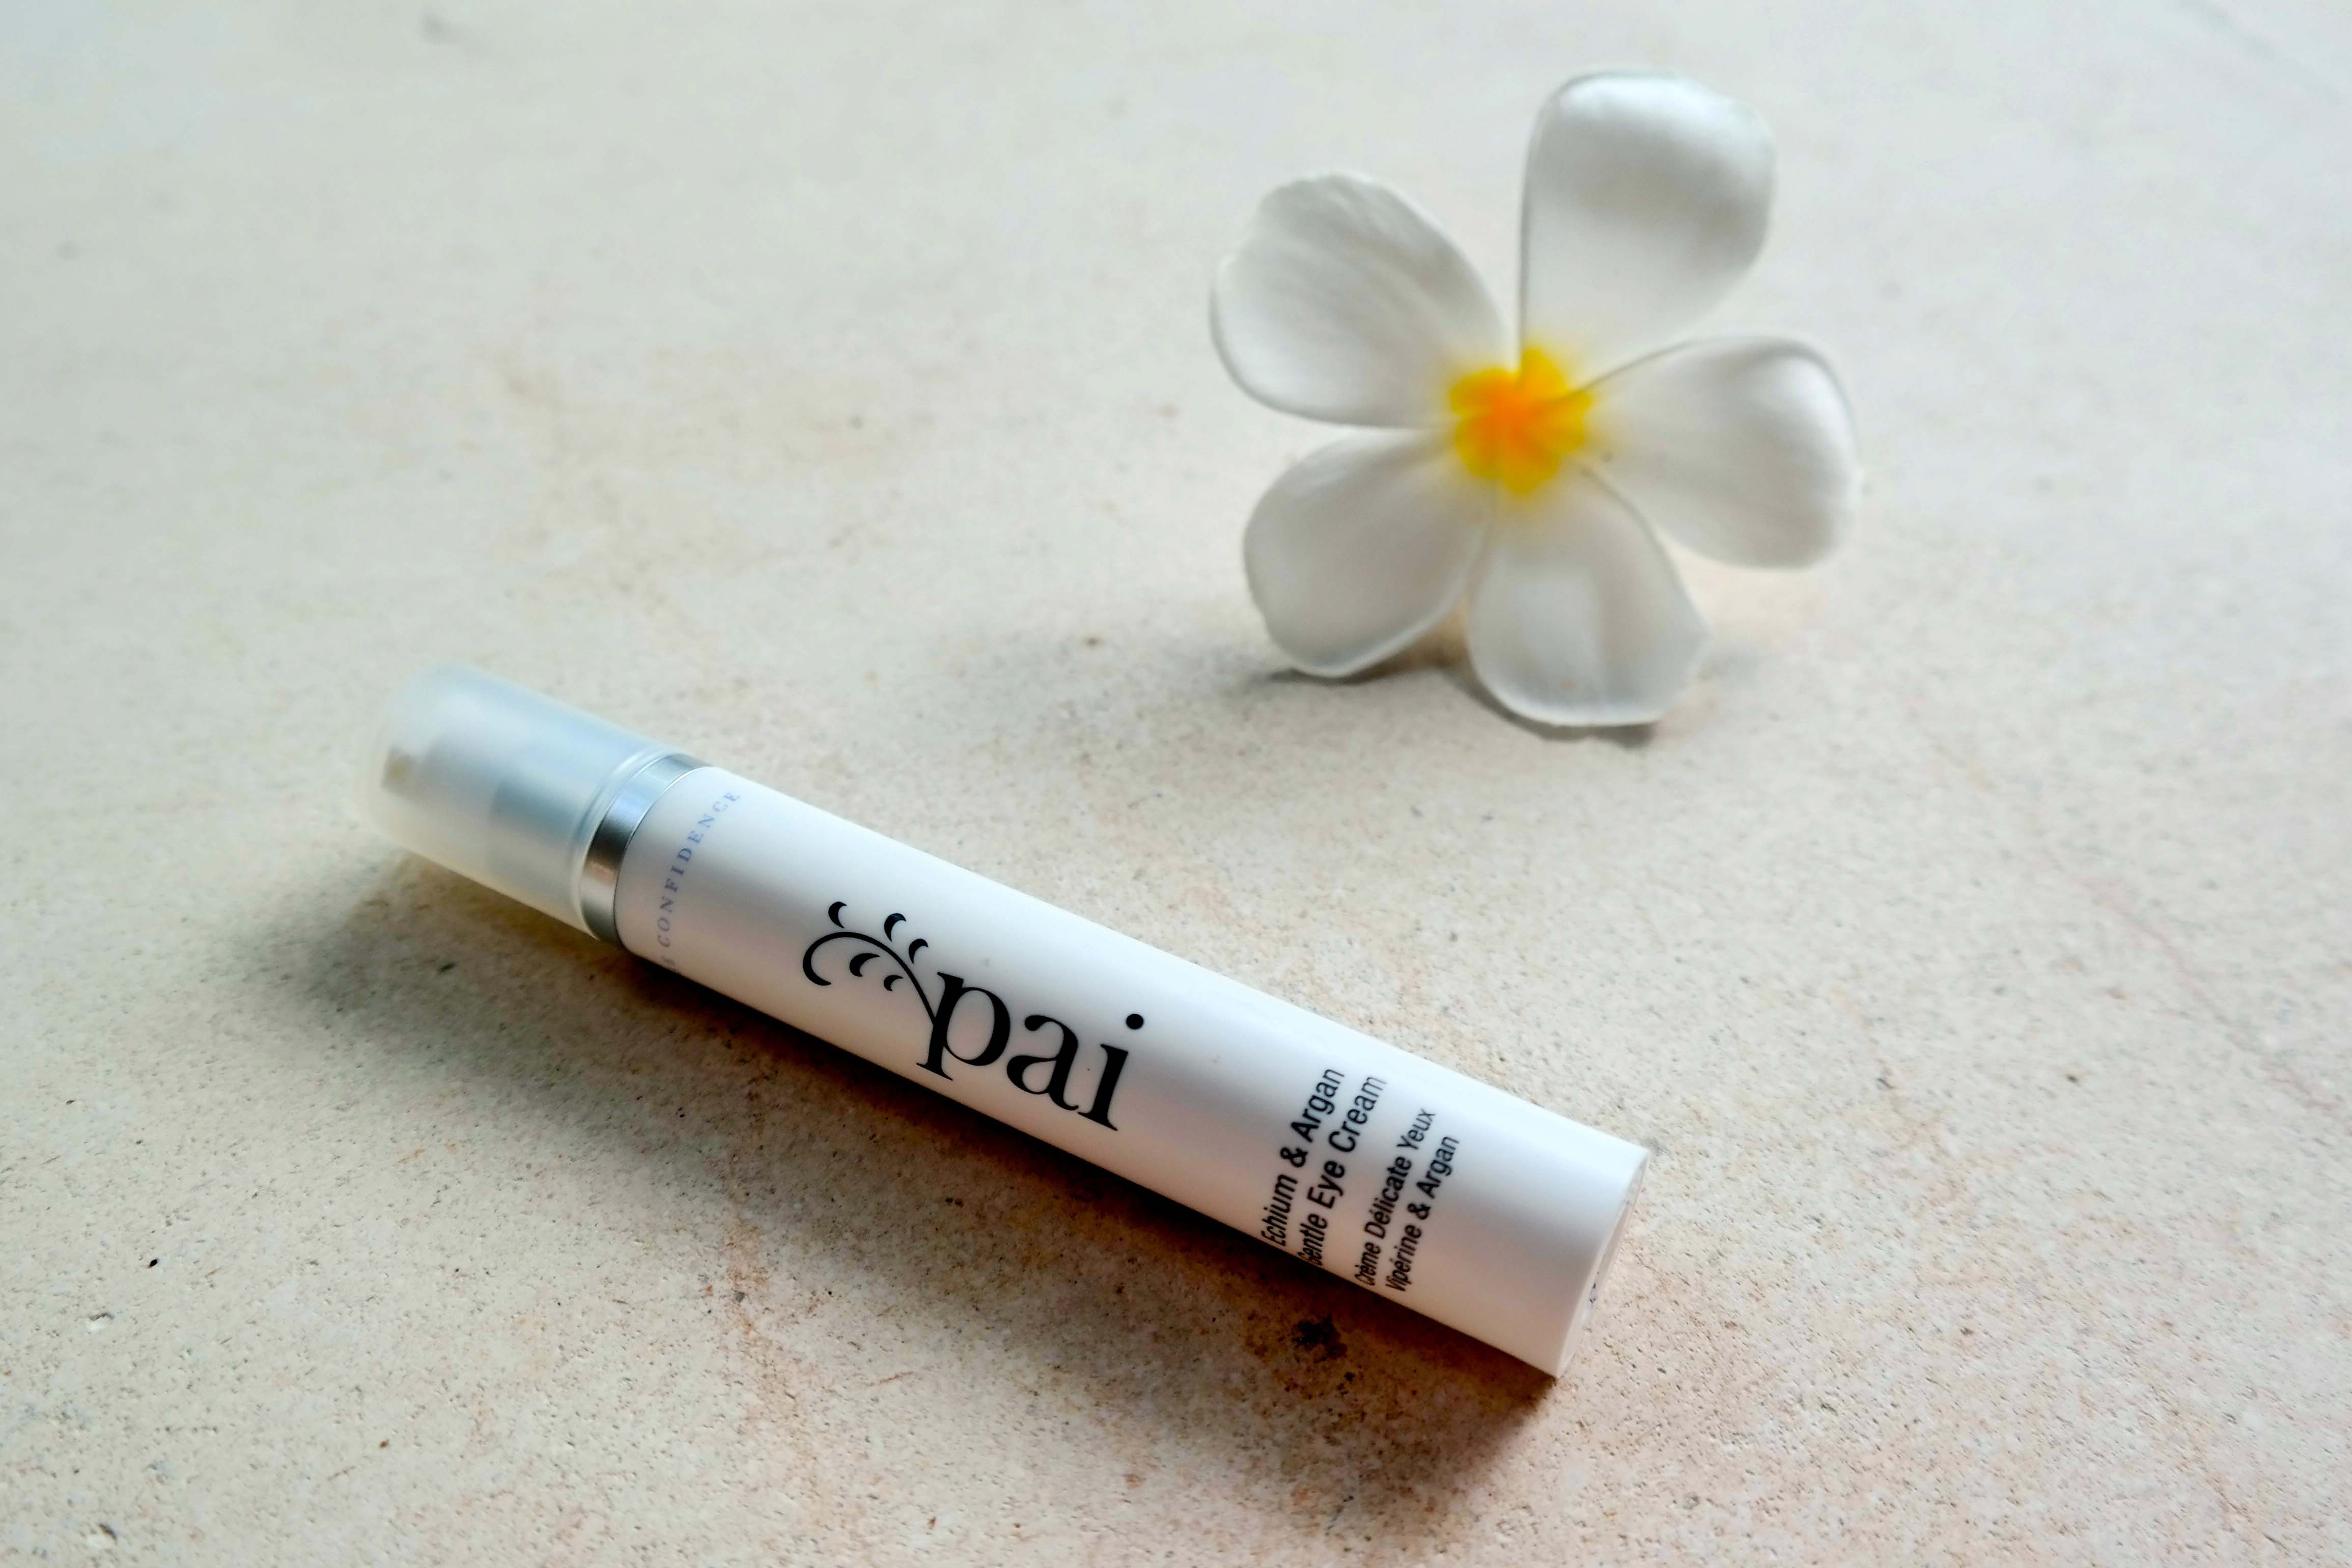 Augencreme von Pai